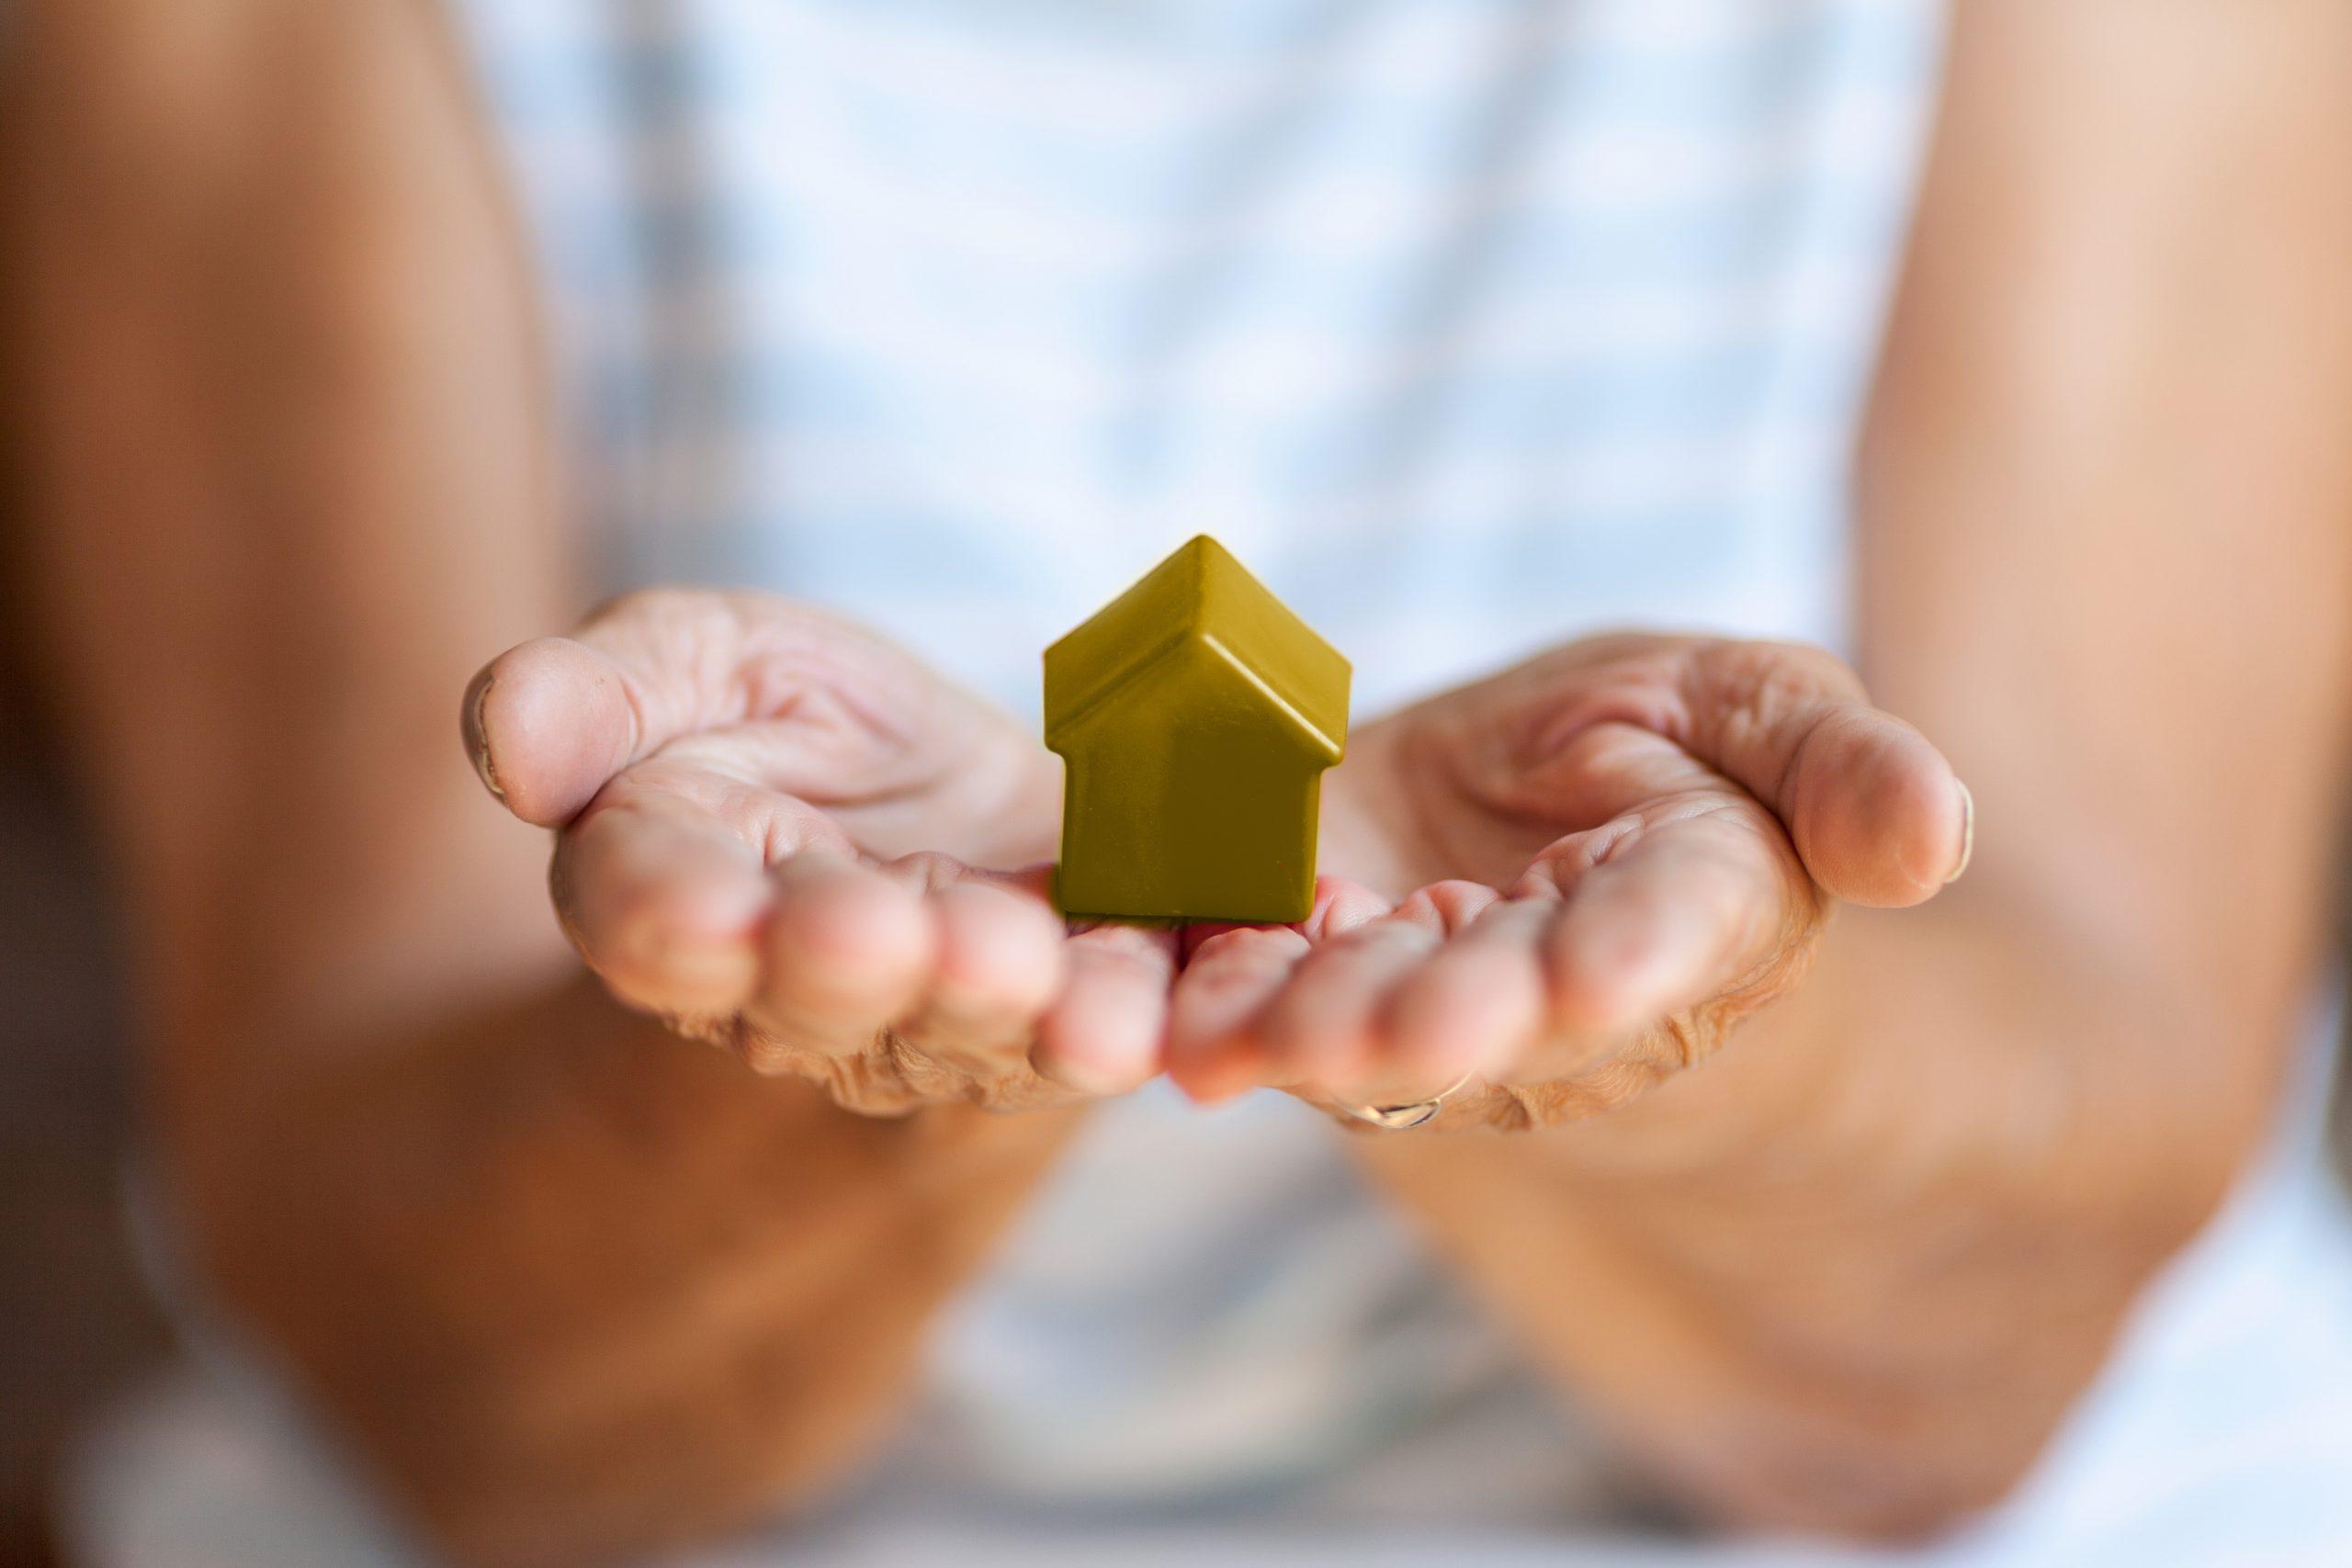 Solicitar moratoria hipotecaria y no hipotecaria